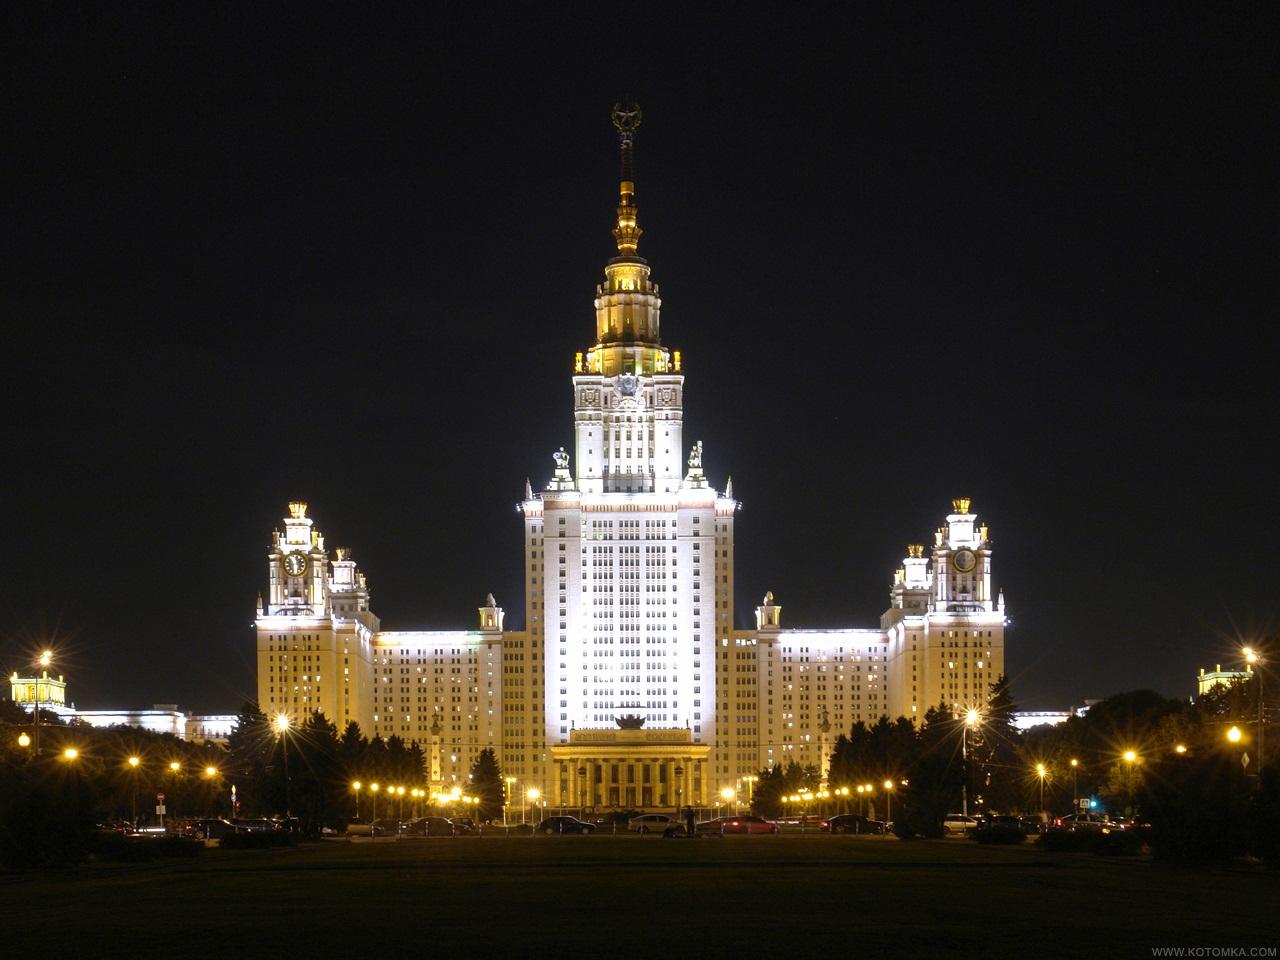 https://img-fotki.yandex.ru/get/5635/137106206.287/0_ae15f_481308b3_orig.jpg